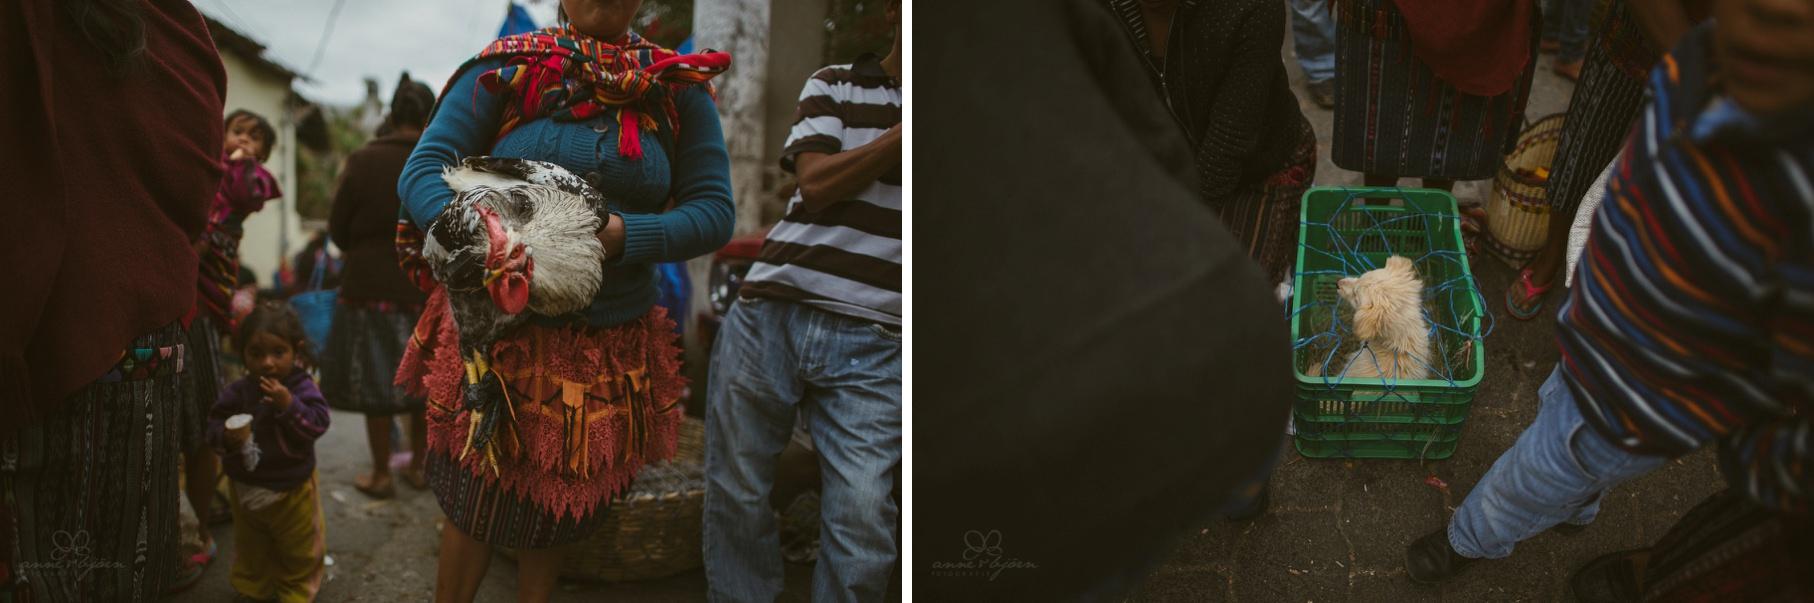 0126 anne und bjoern guatemala d75 2563 - 4 Wochen durch Guatemala - backpacking durch Mittelamerika